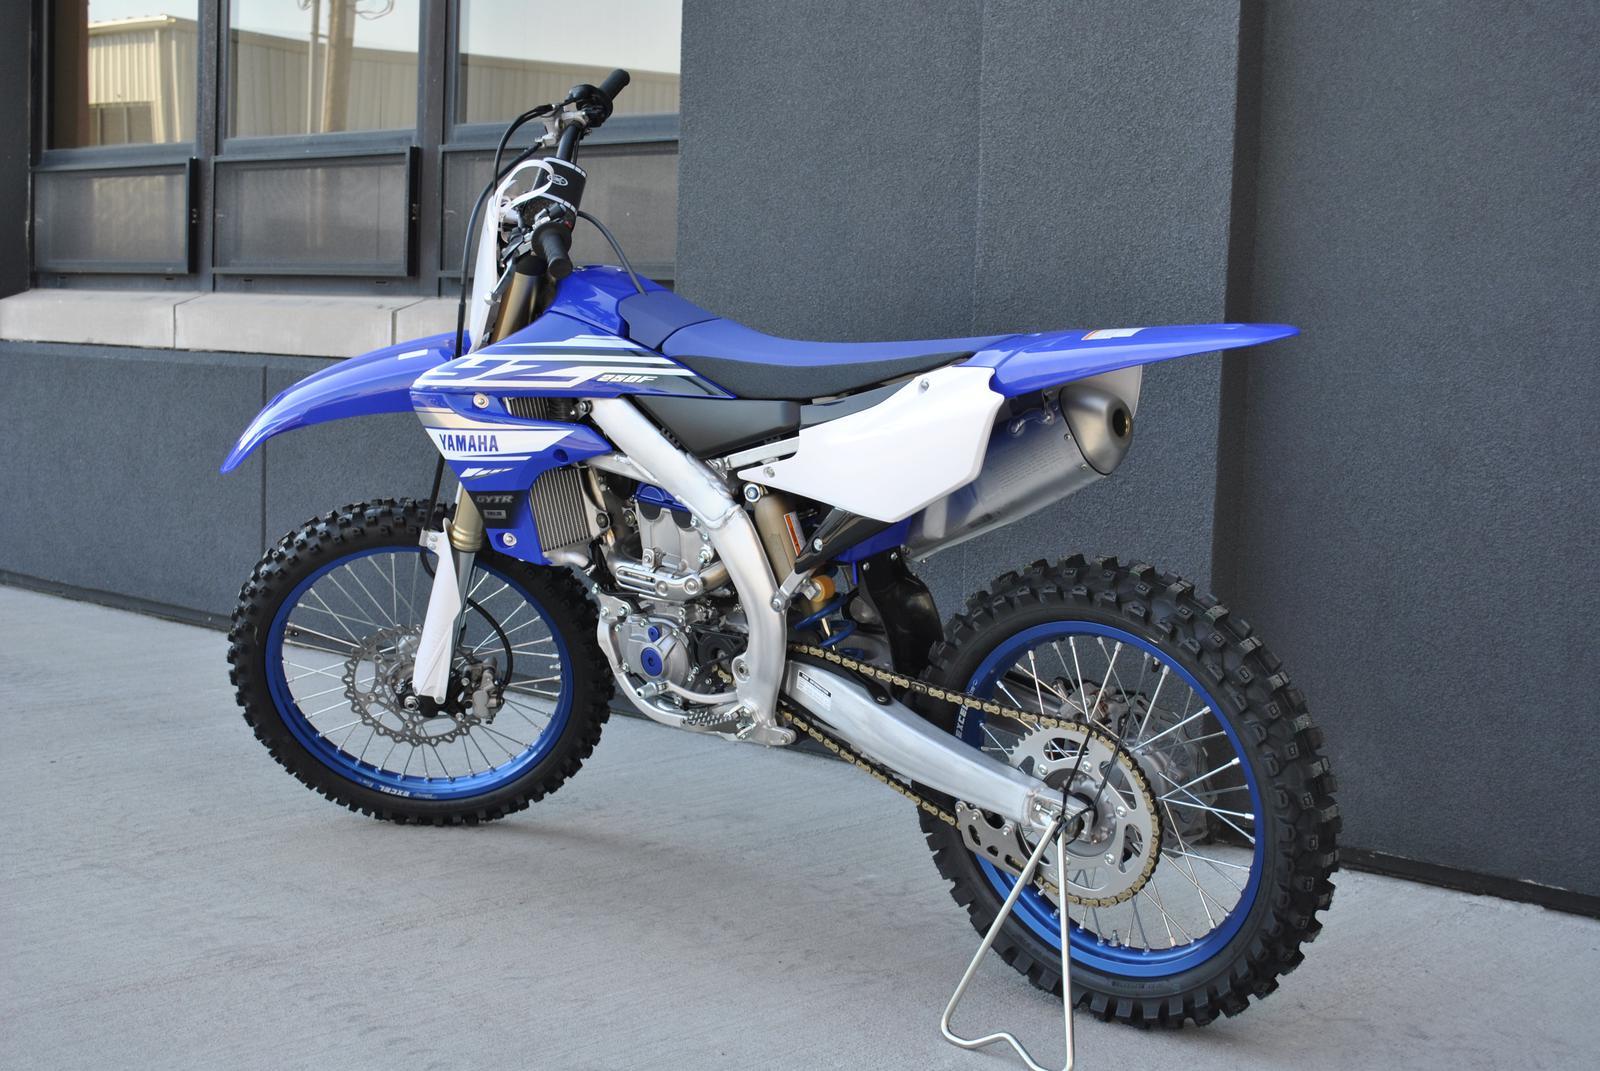 YZ250F-YamahaTeamBlue-0Y5467-02